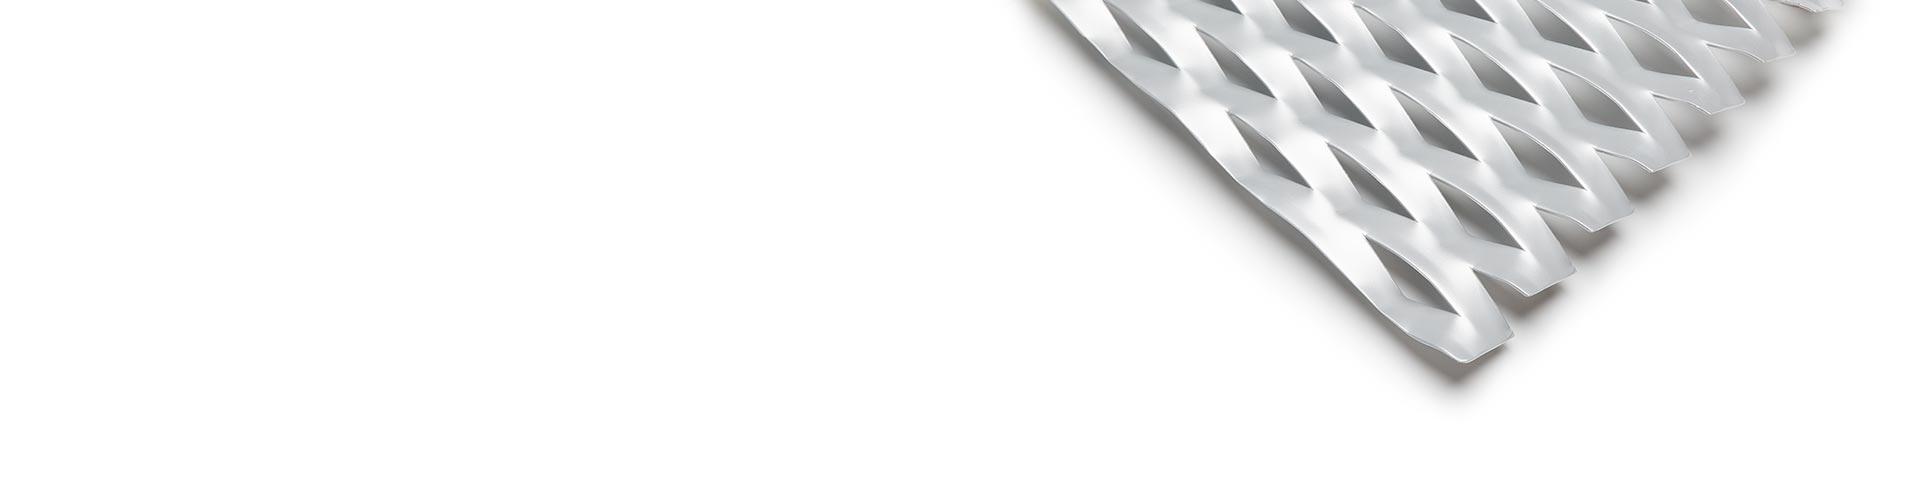 Streckmetall für Architektur – perfolinea.de